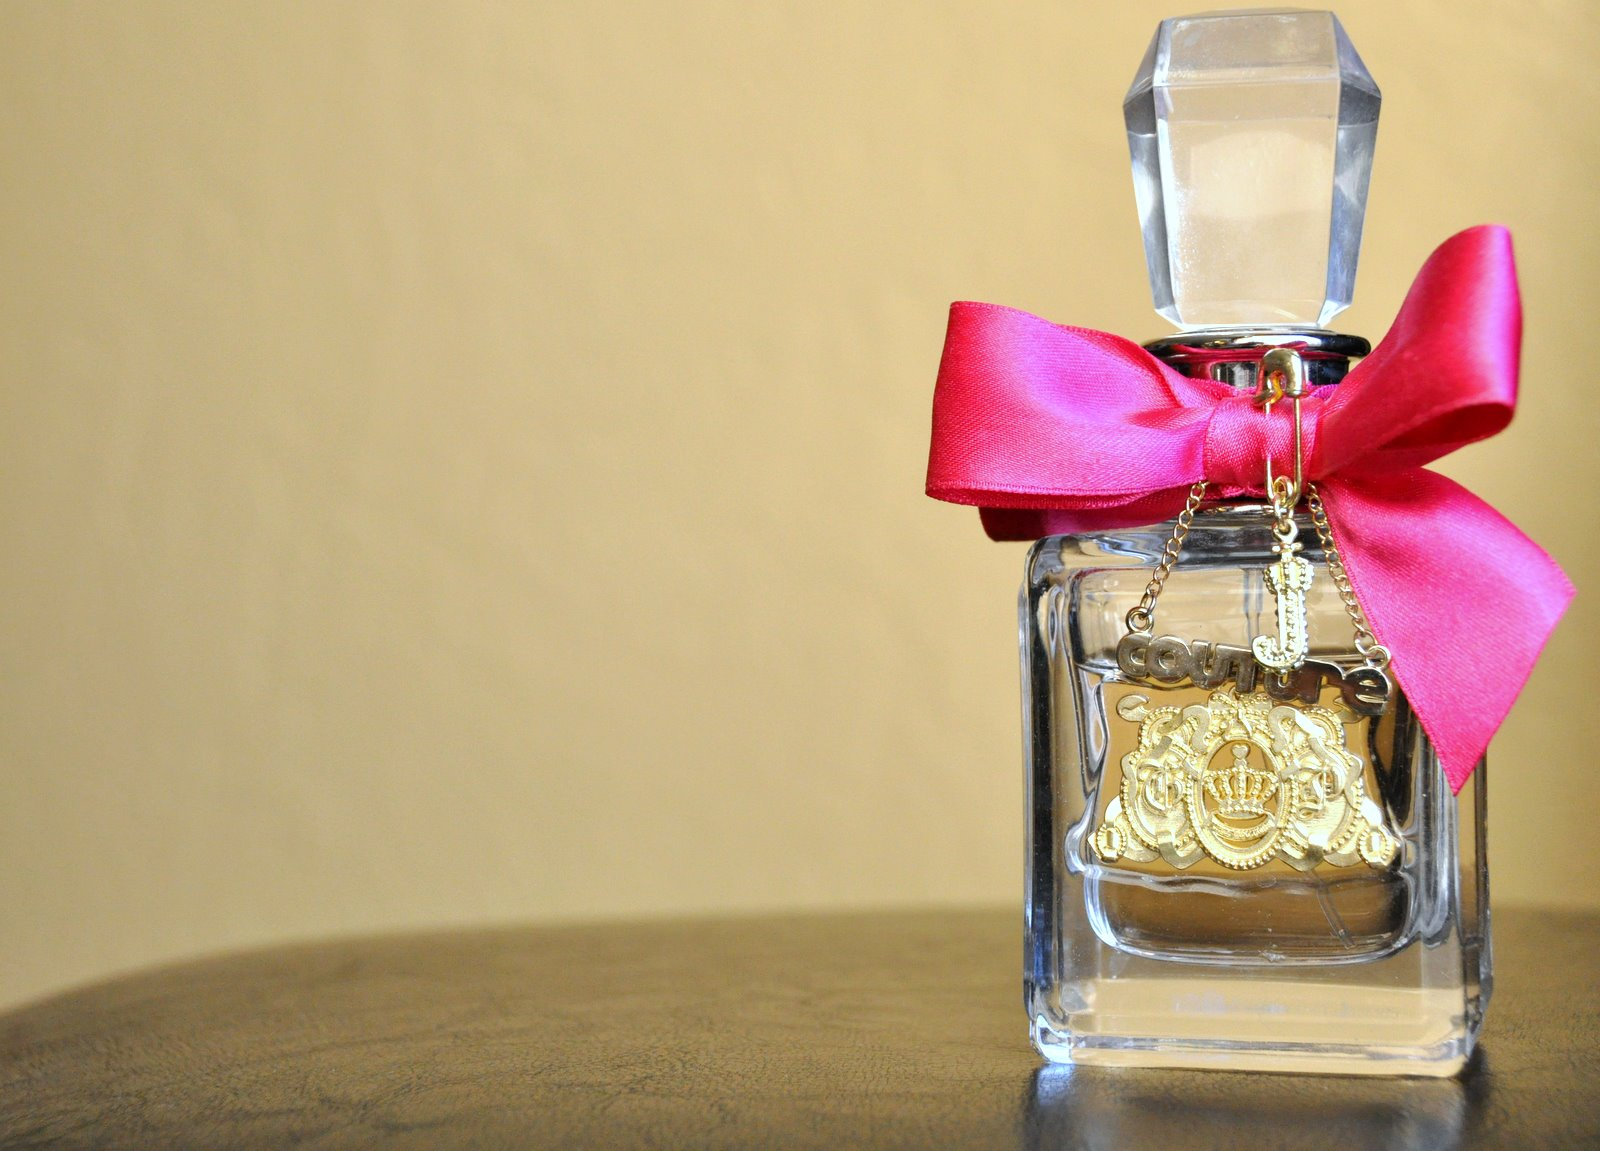 Что подарить жене на день рождения? Идеи подарков